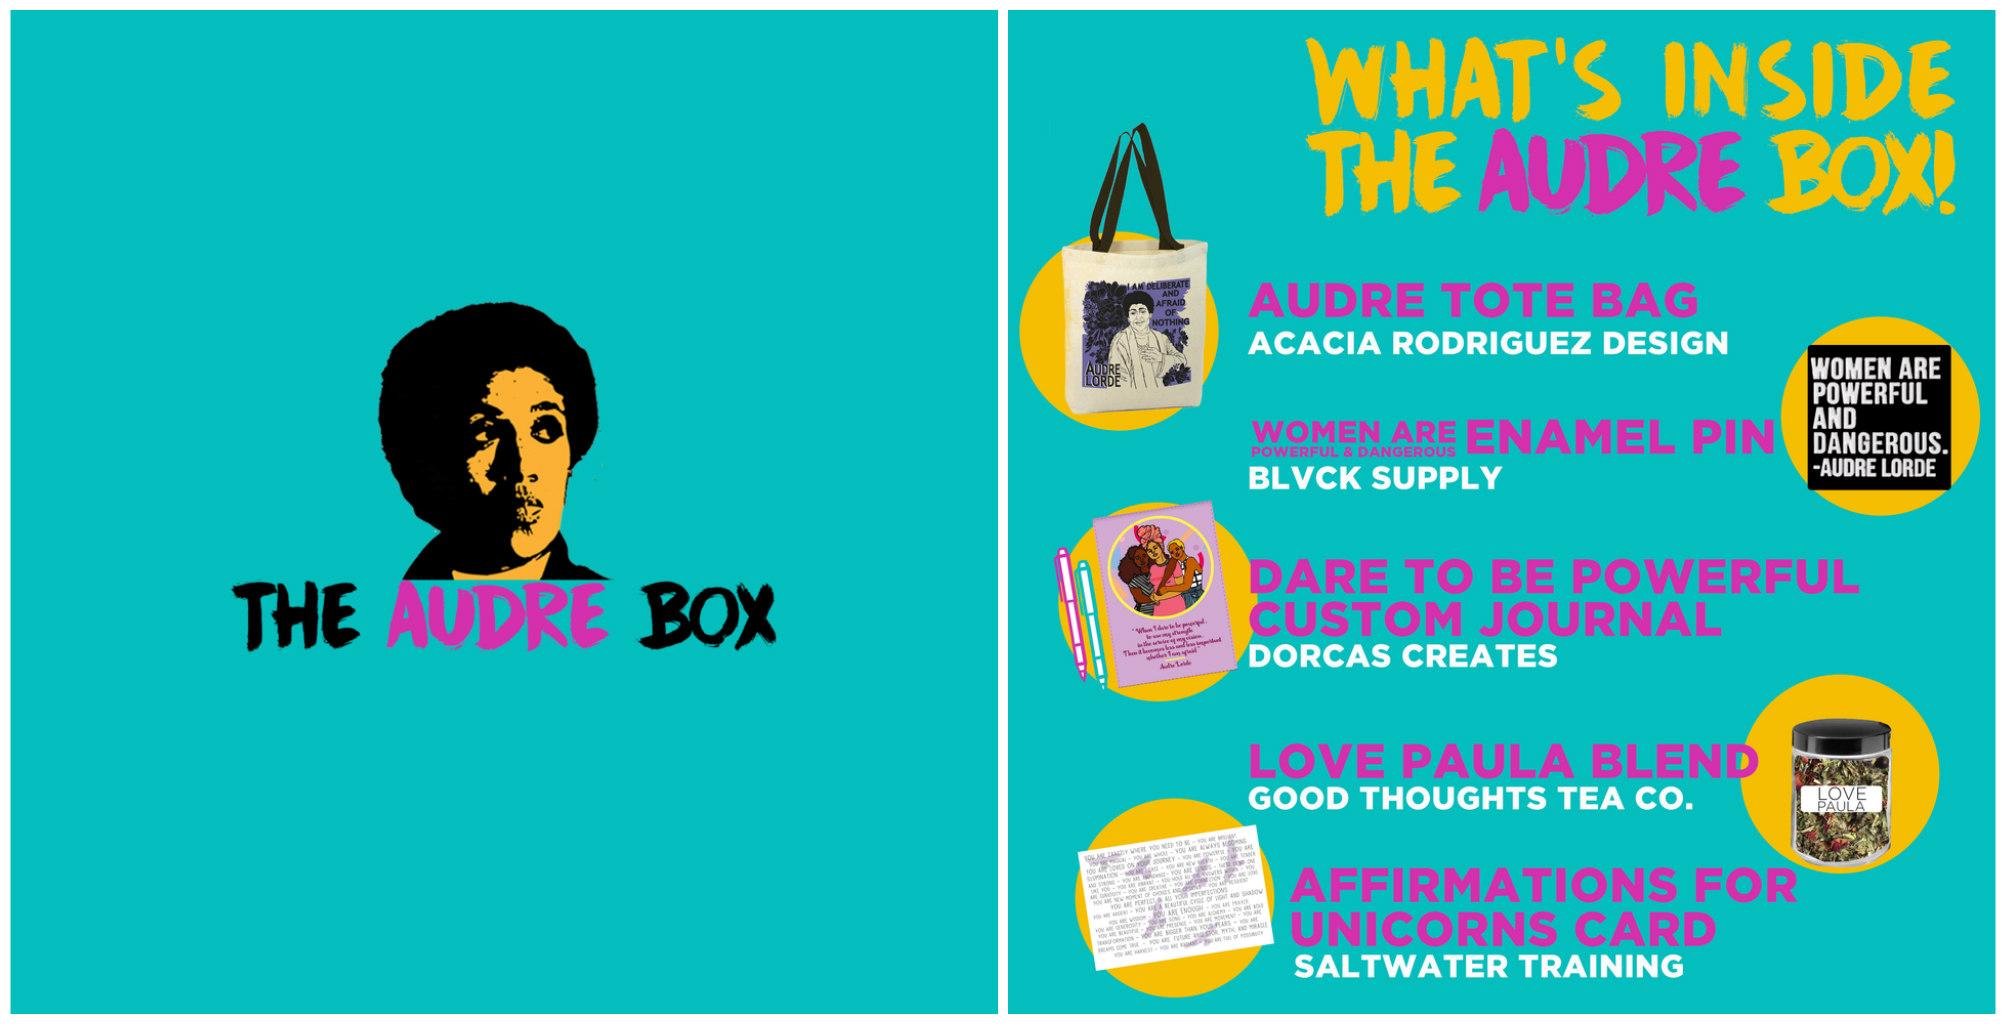 The Homegirl Box